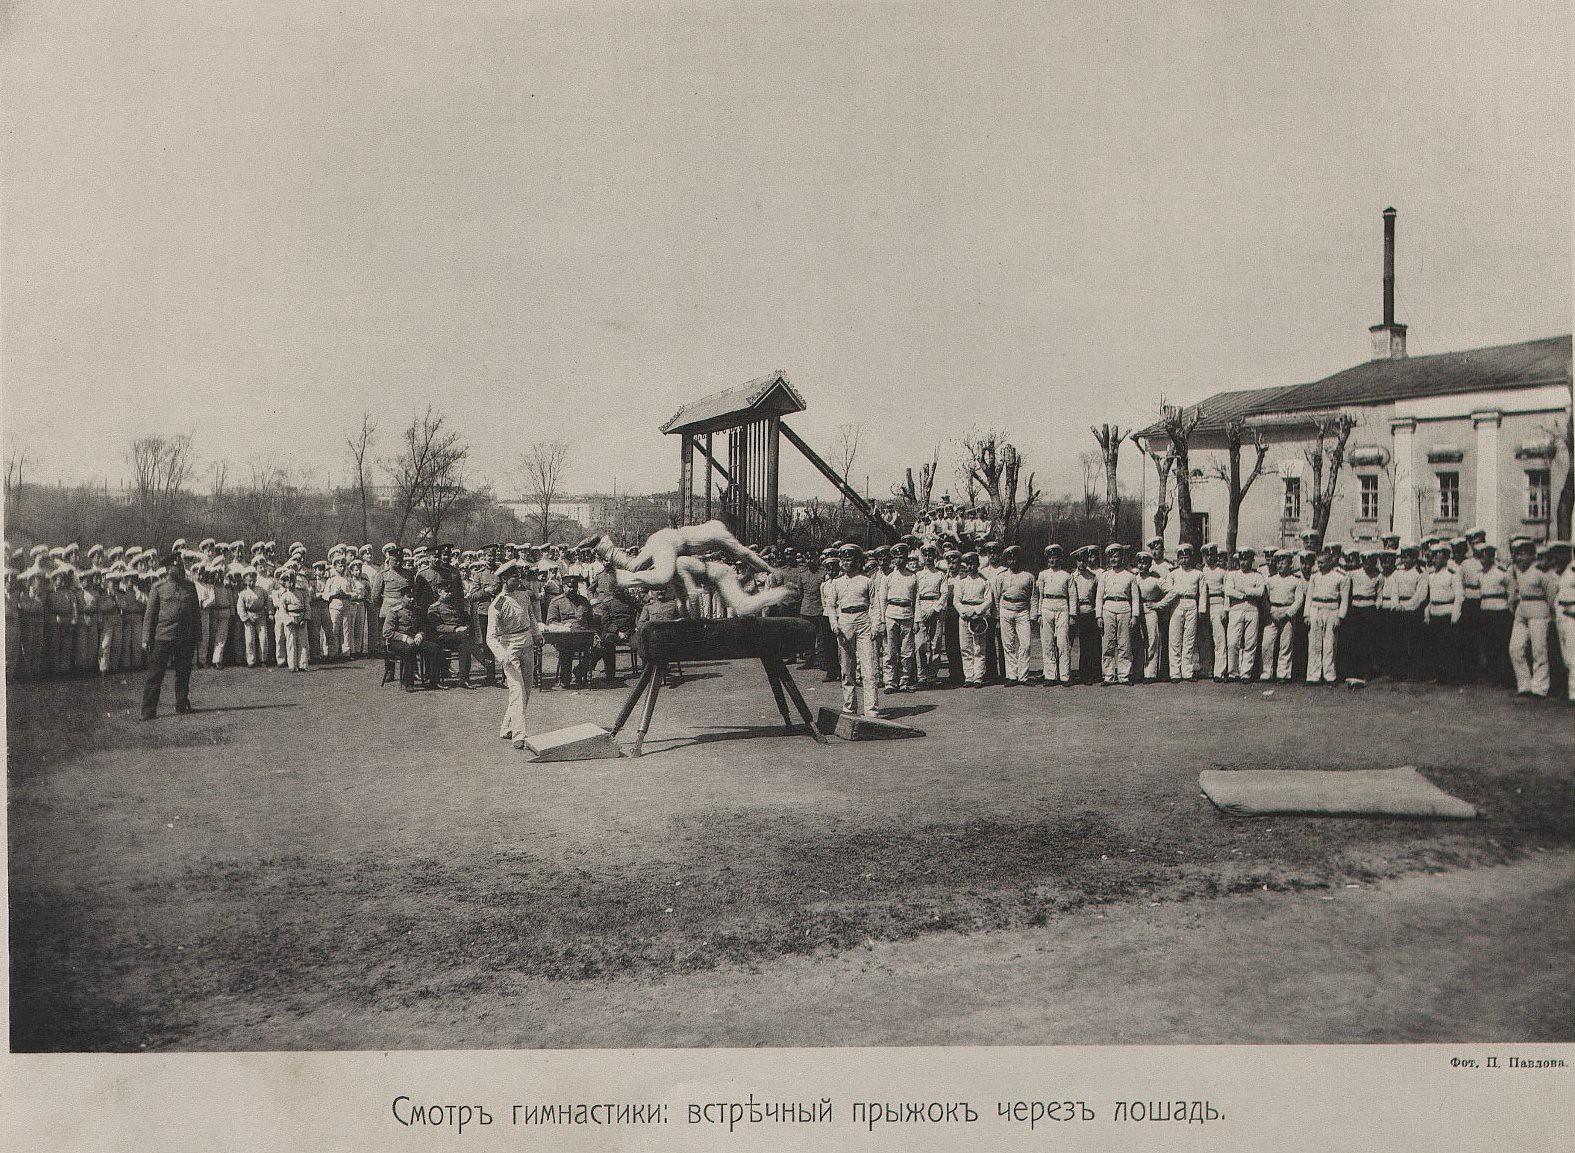 55. Смотр гимнастики. Встречный прыжок через лошадь